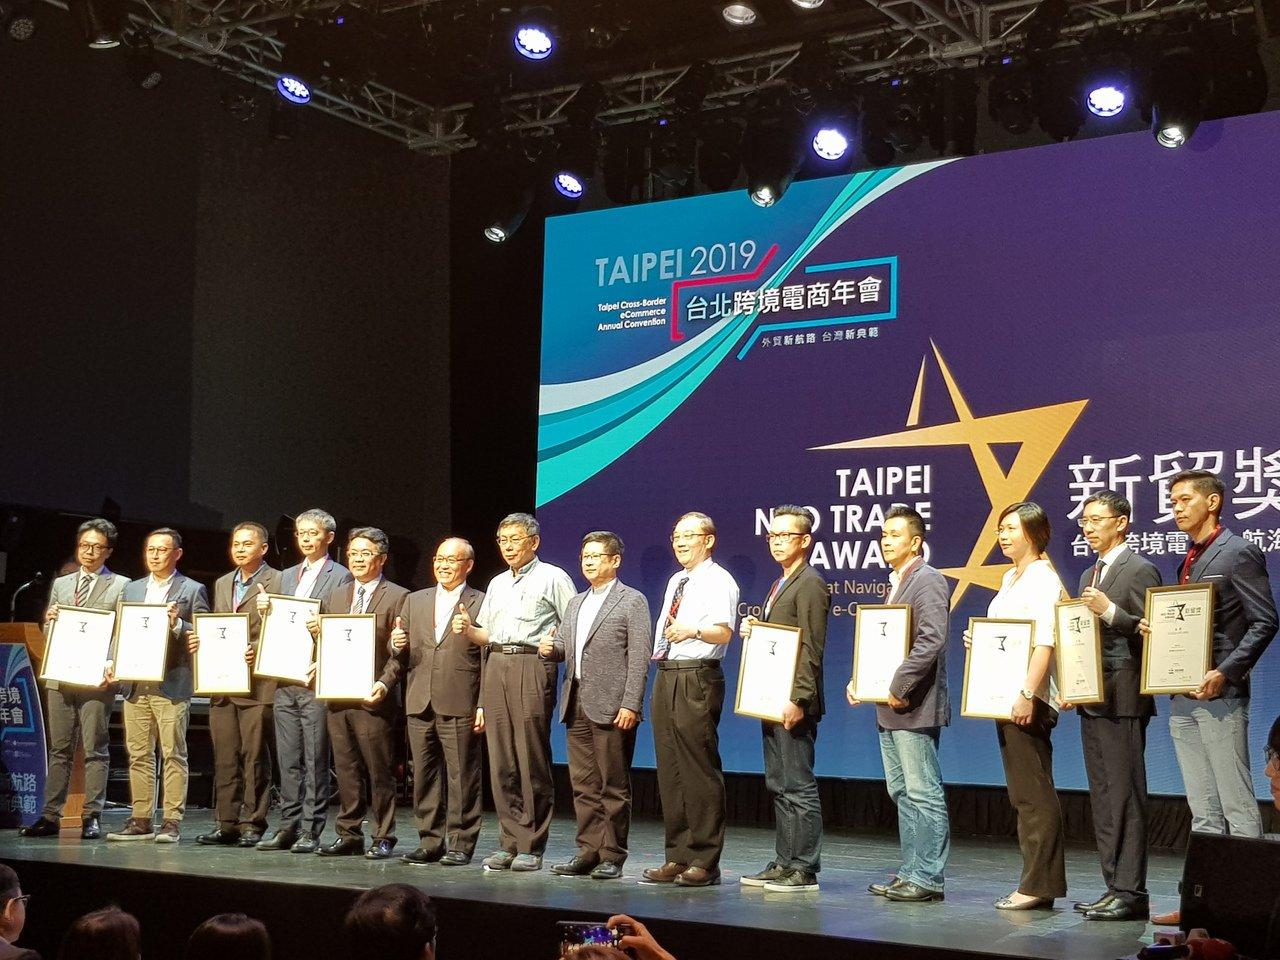 北市府與台北市進出口商業同業公會合作,今年首創跨境電商「新貿獎」選拔,今天結果出...